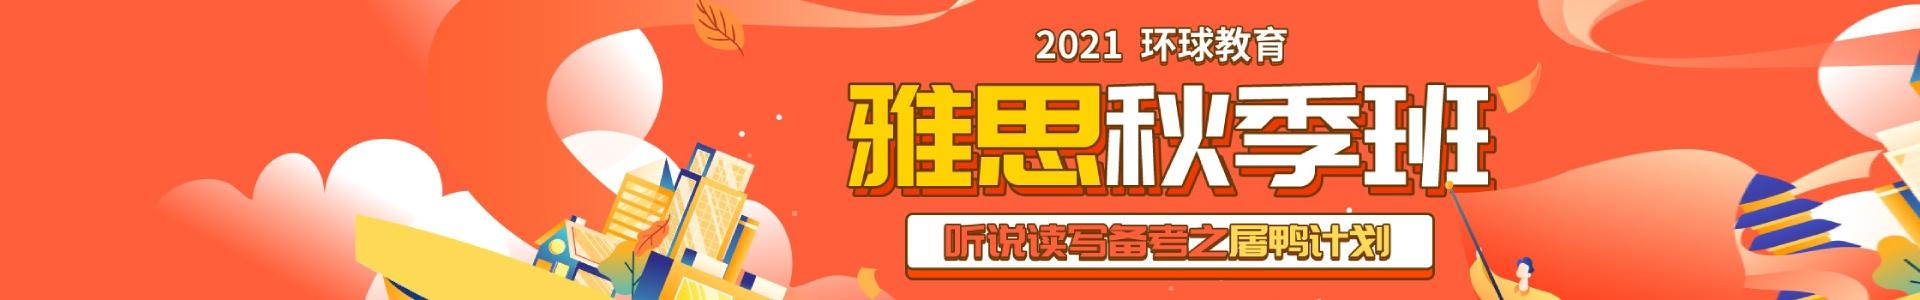 福清環球雅思培訓學校